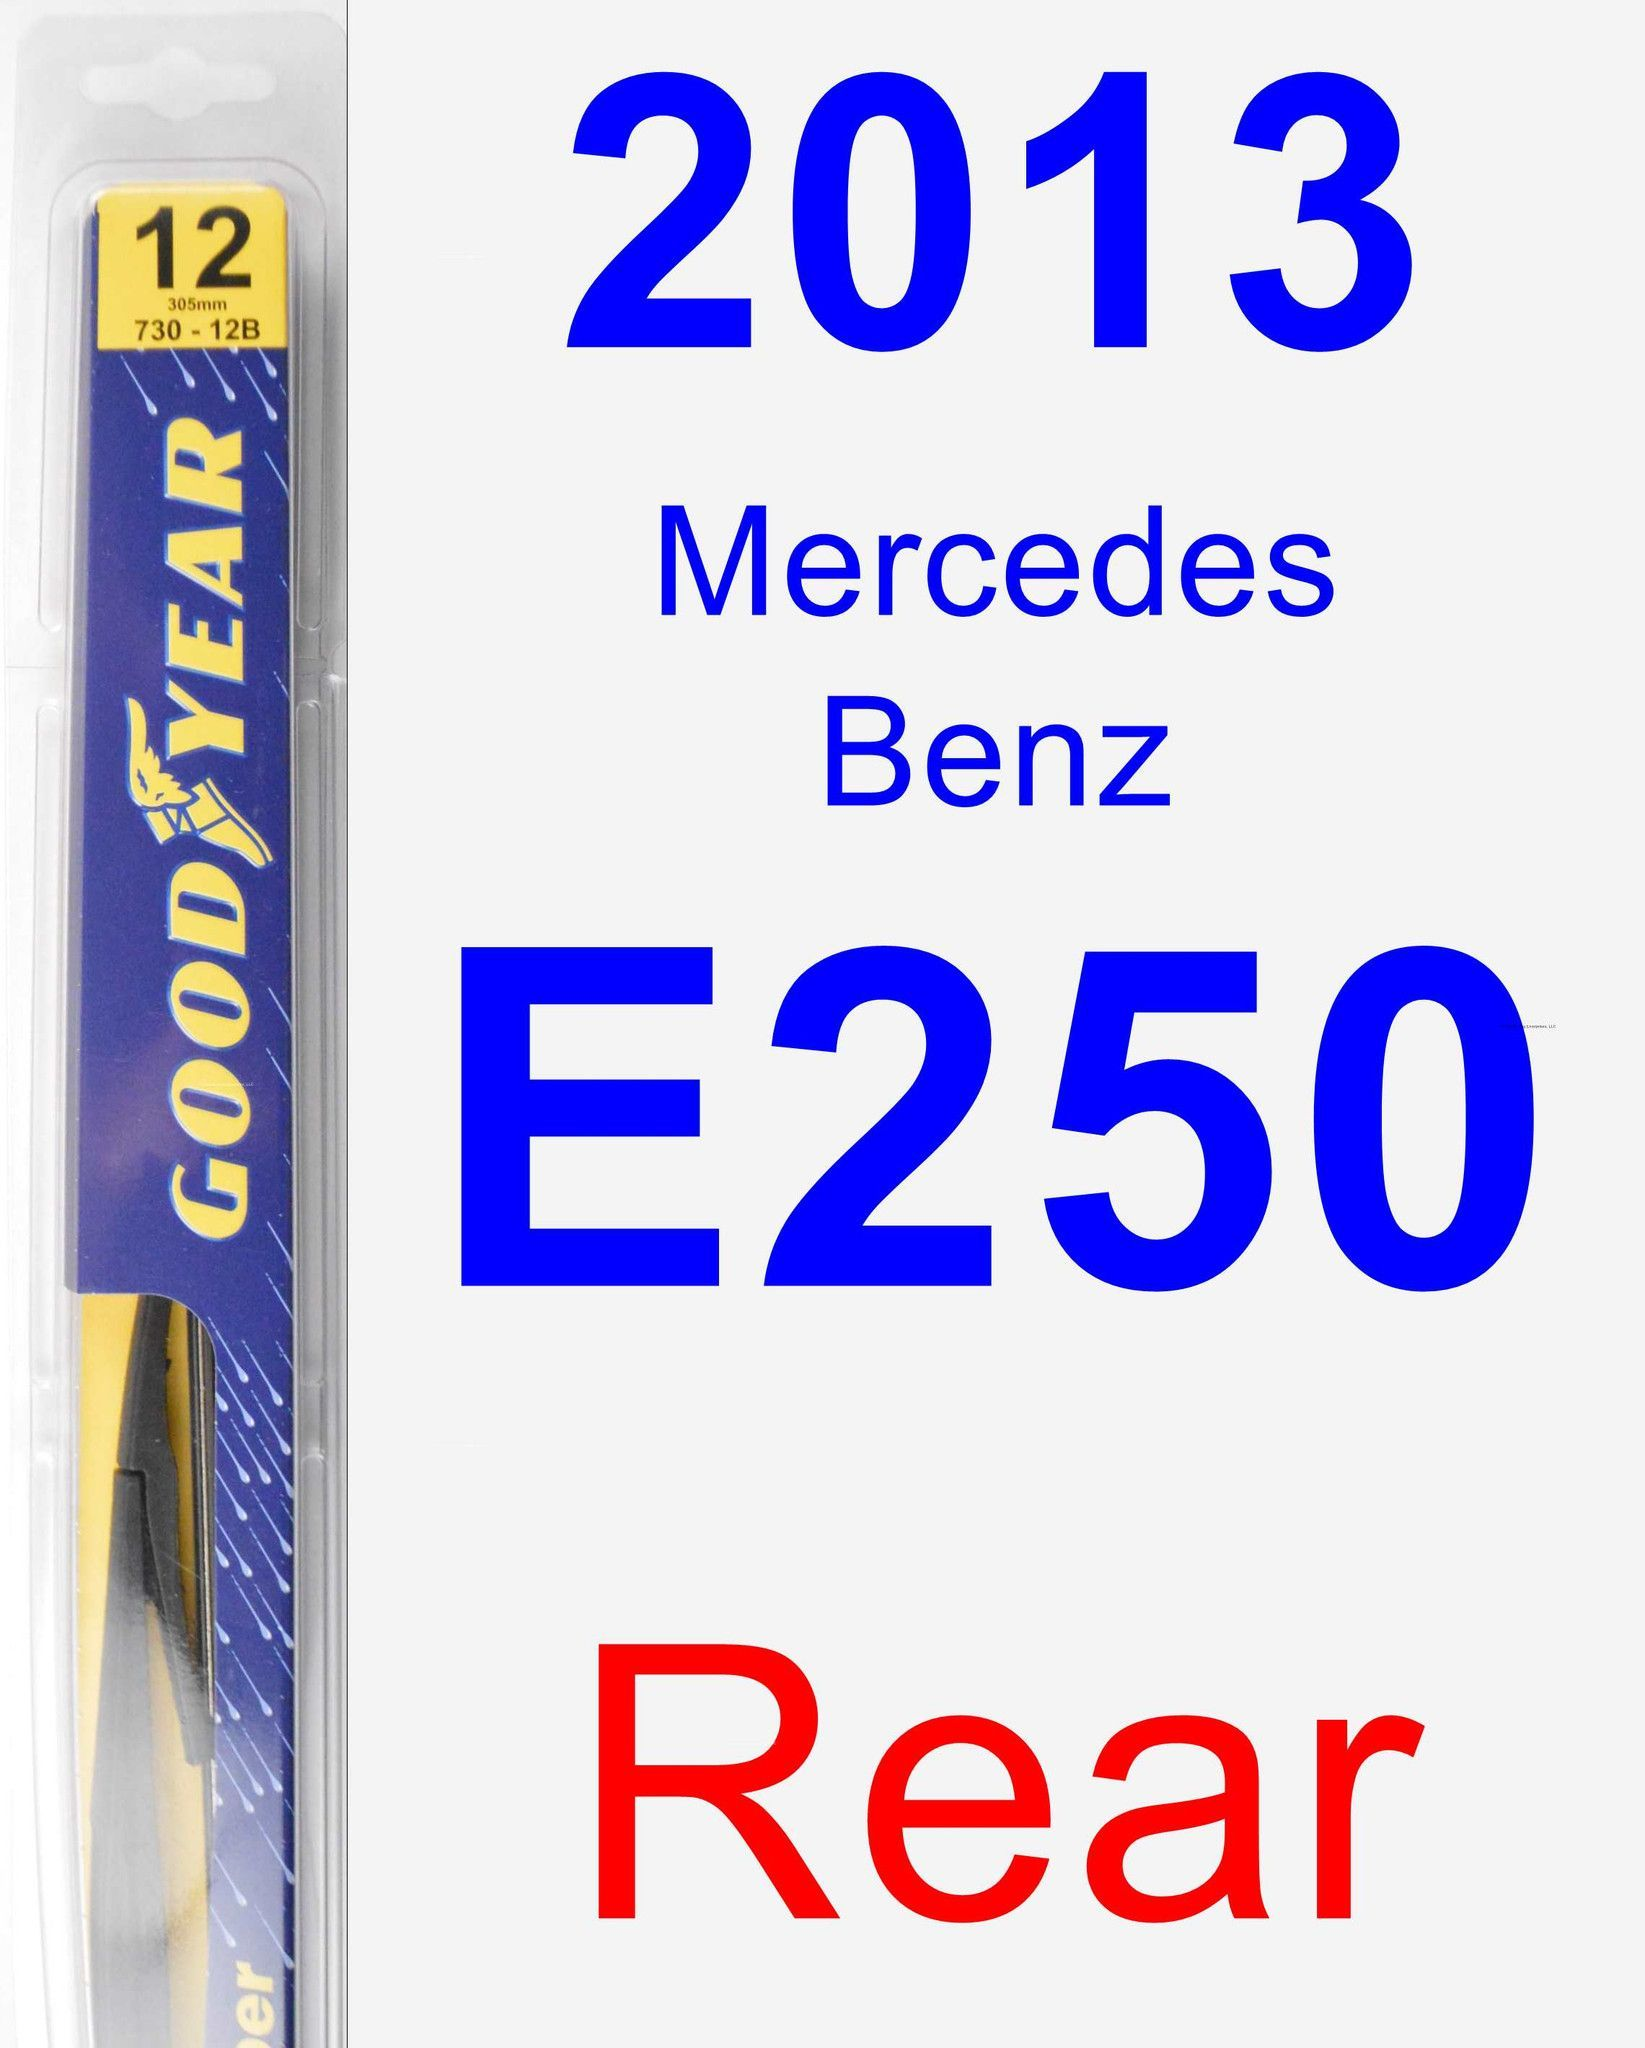 Rear Wiper Blade For 2013 Mercedes-Benz E250